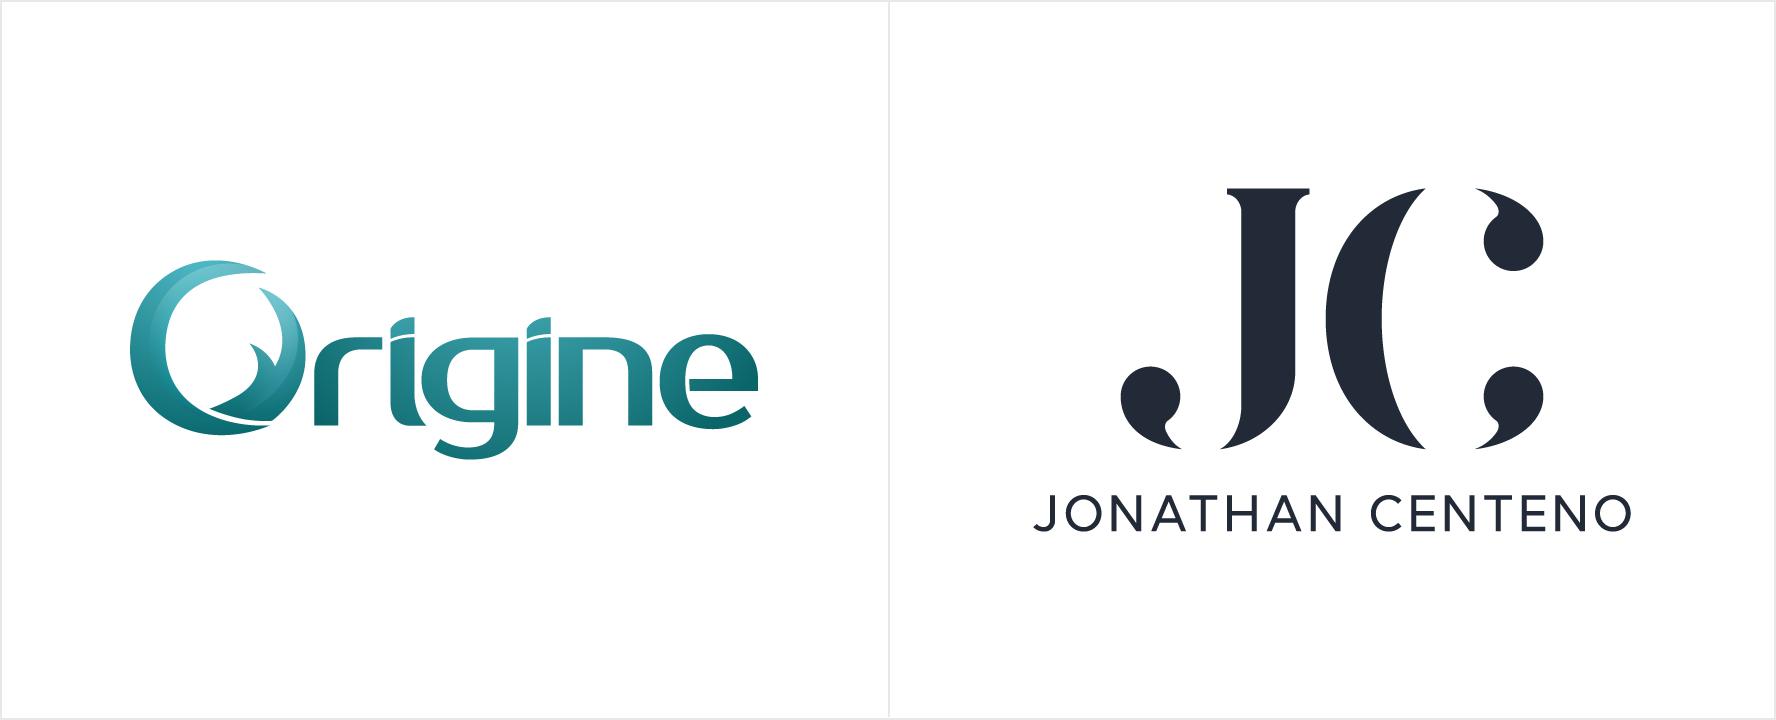 Comparativa del logo antiguo (Origine) con el nuevo